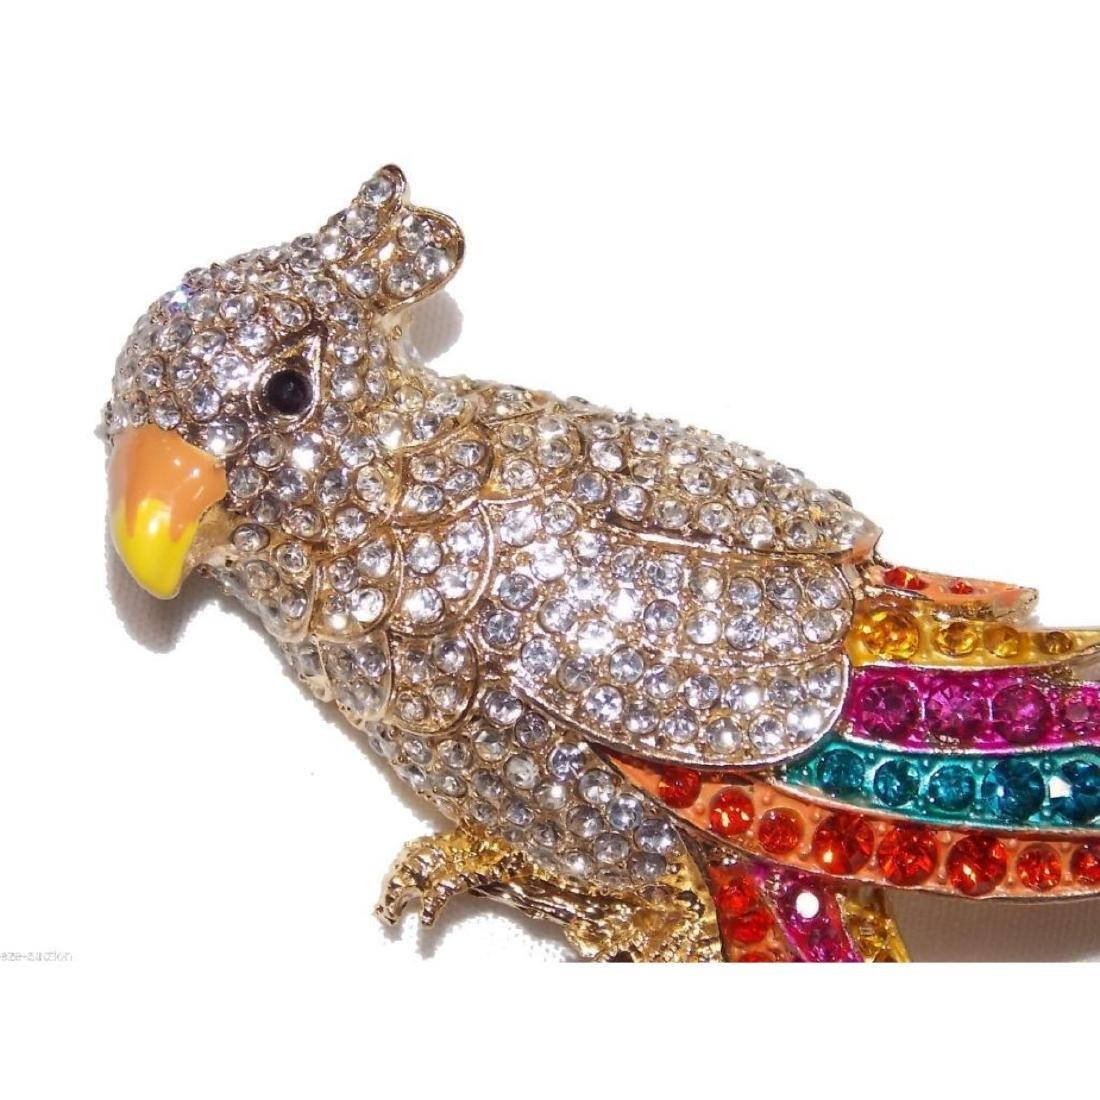 Multicolor Crystal Gold Parrot Brooch / Pin - 3